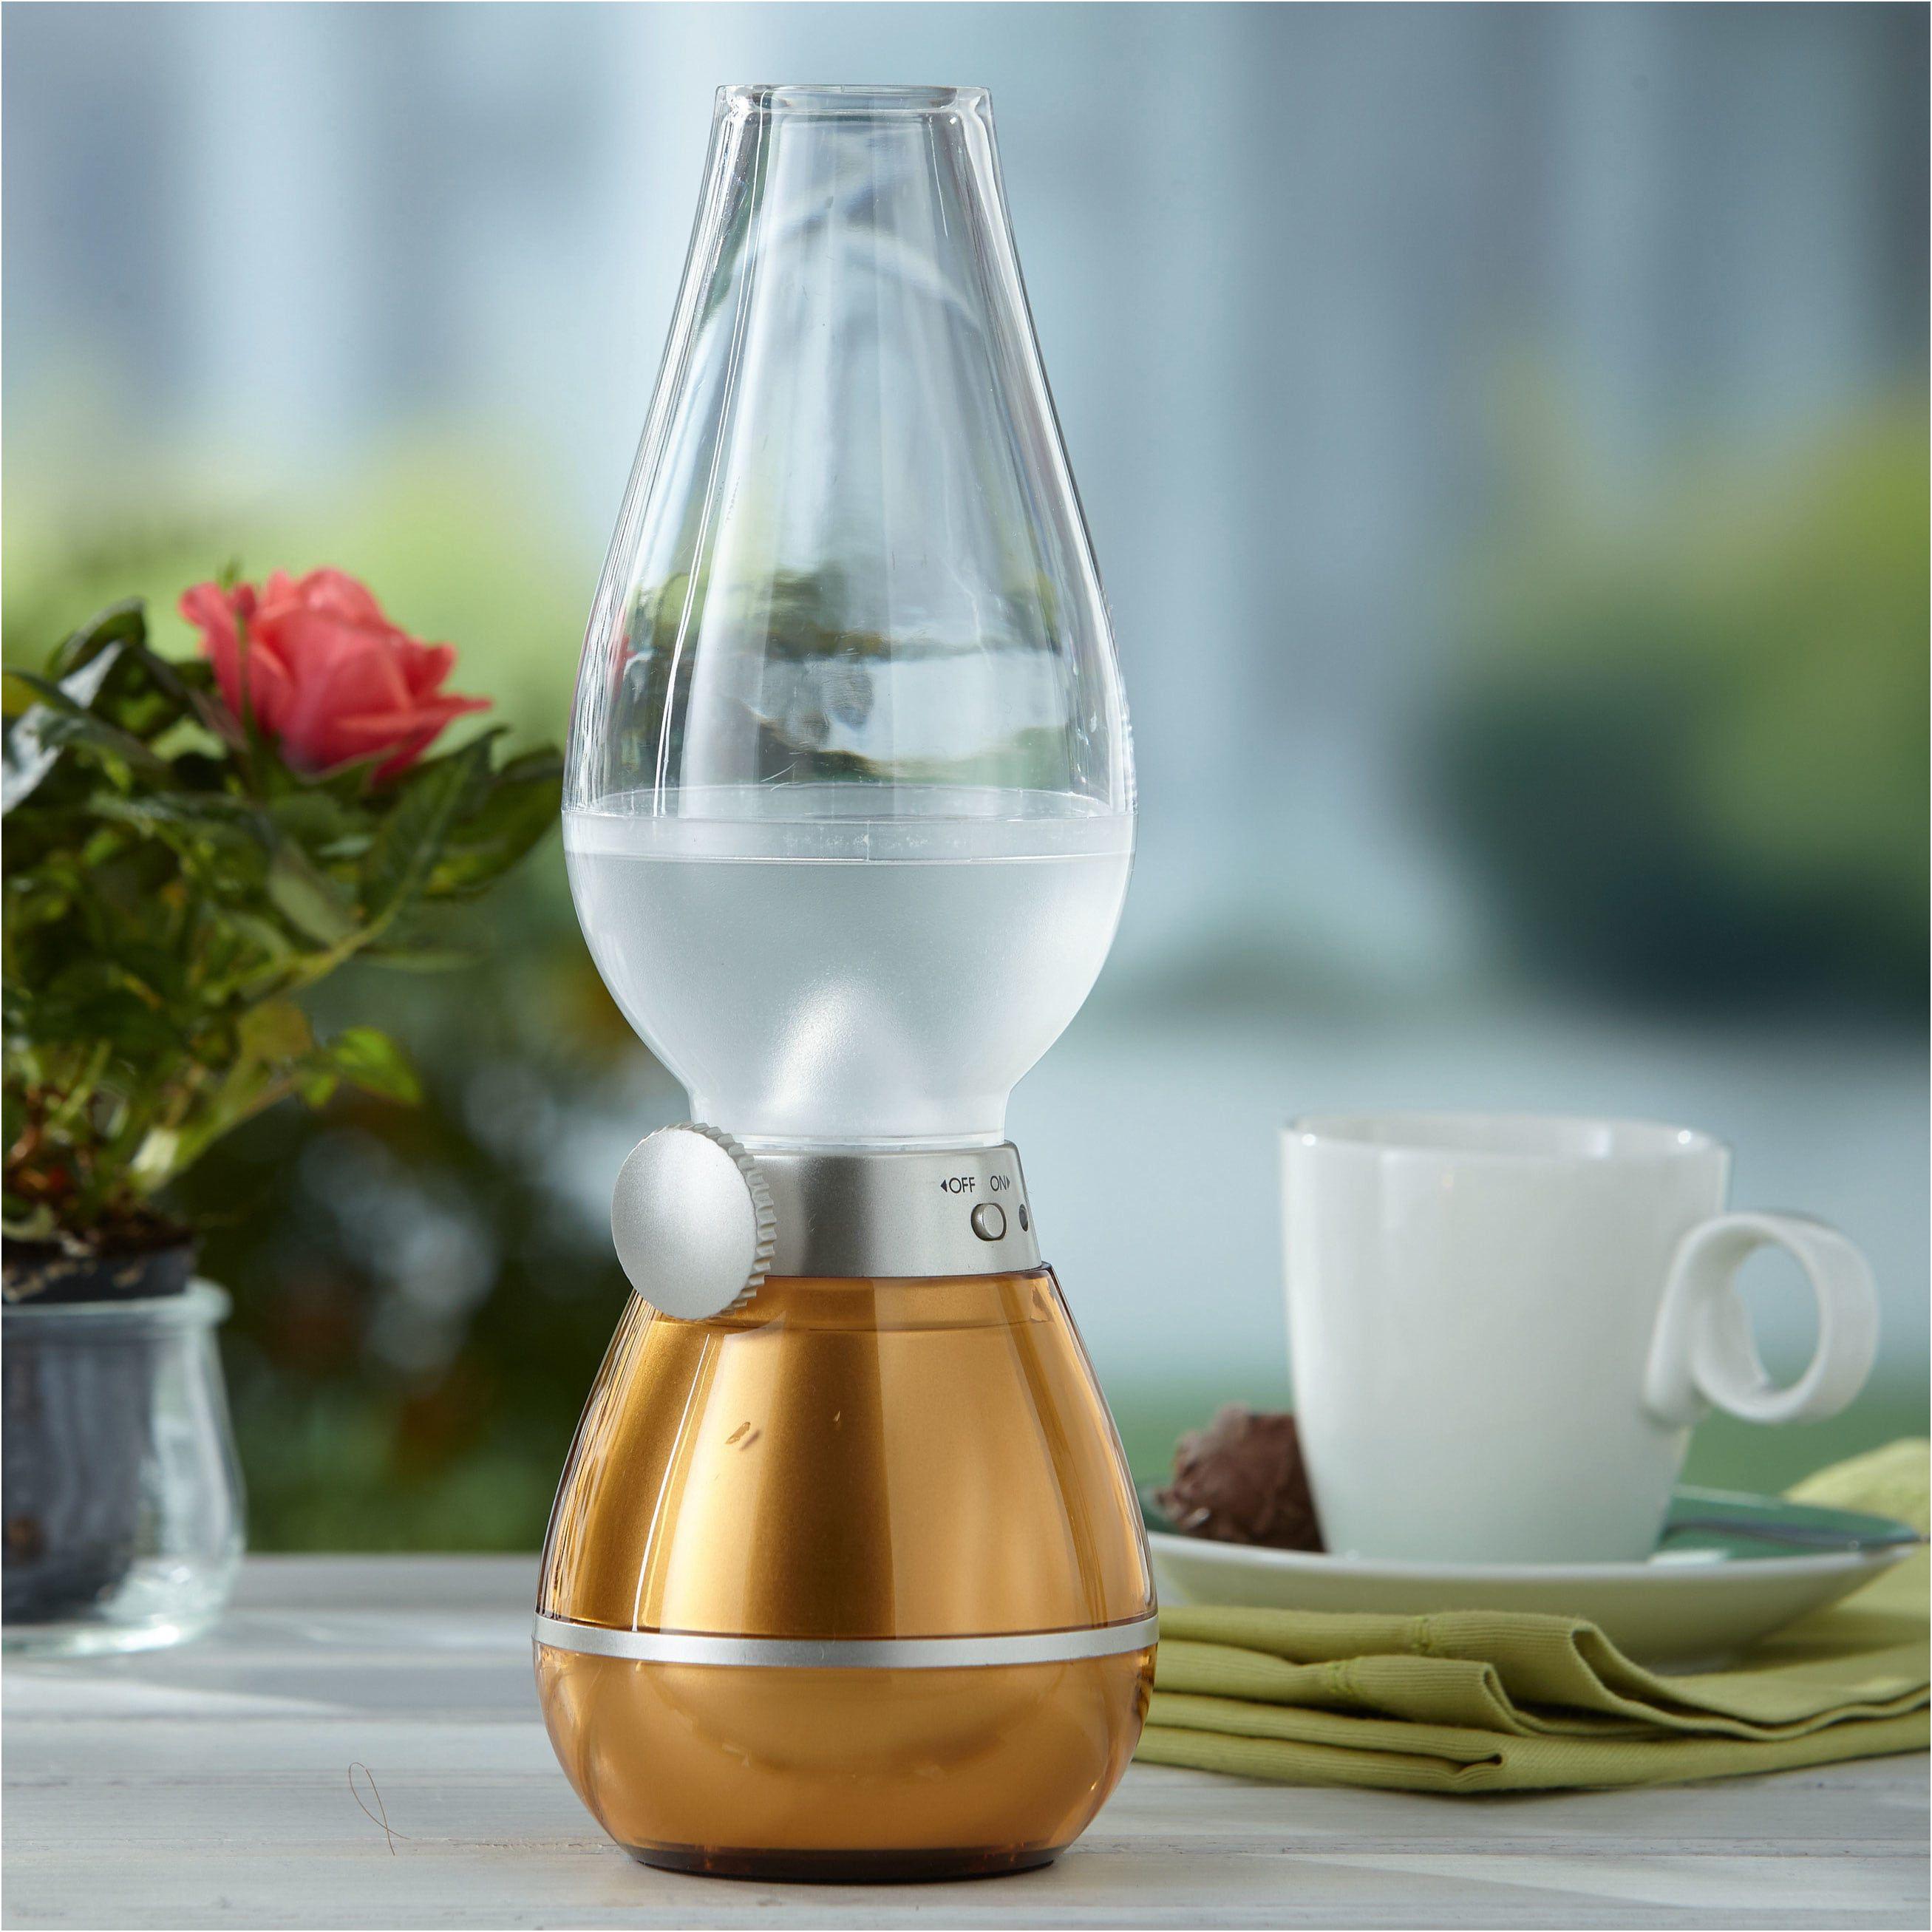 16 Nice Lampe Exterieur Rechargeable Image Lampe Exterieur Lamp Eclairage Exterieur